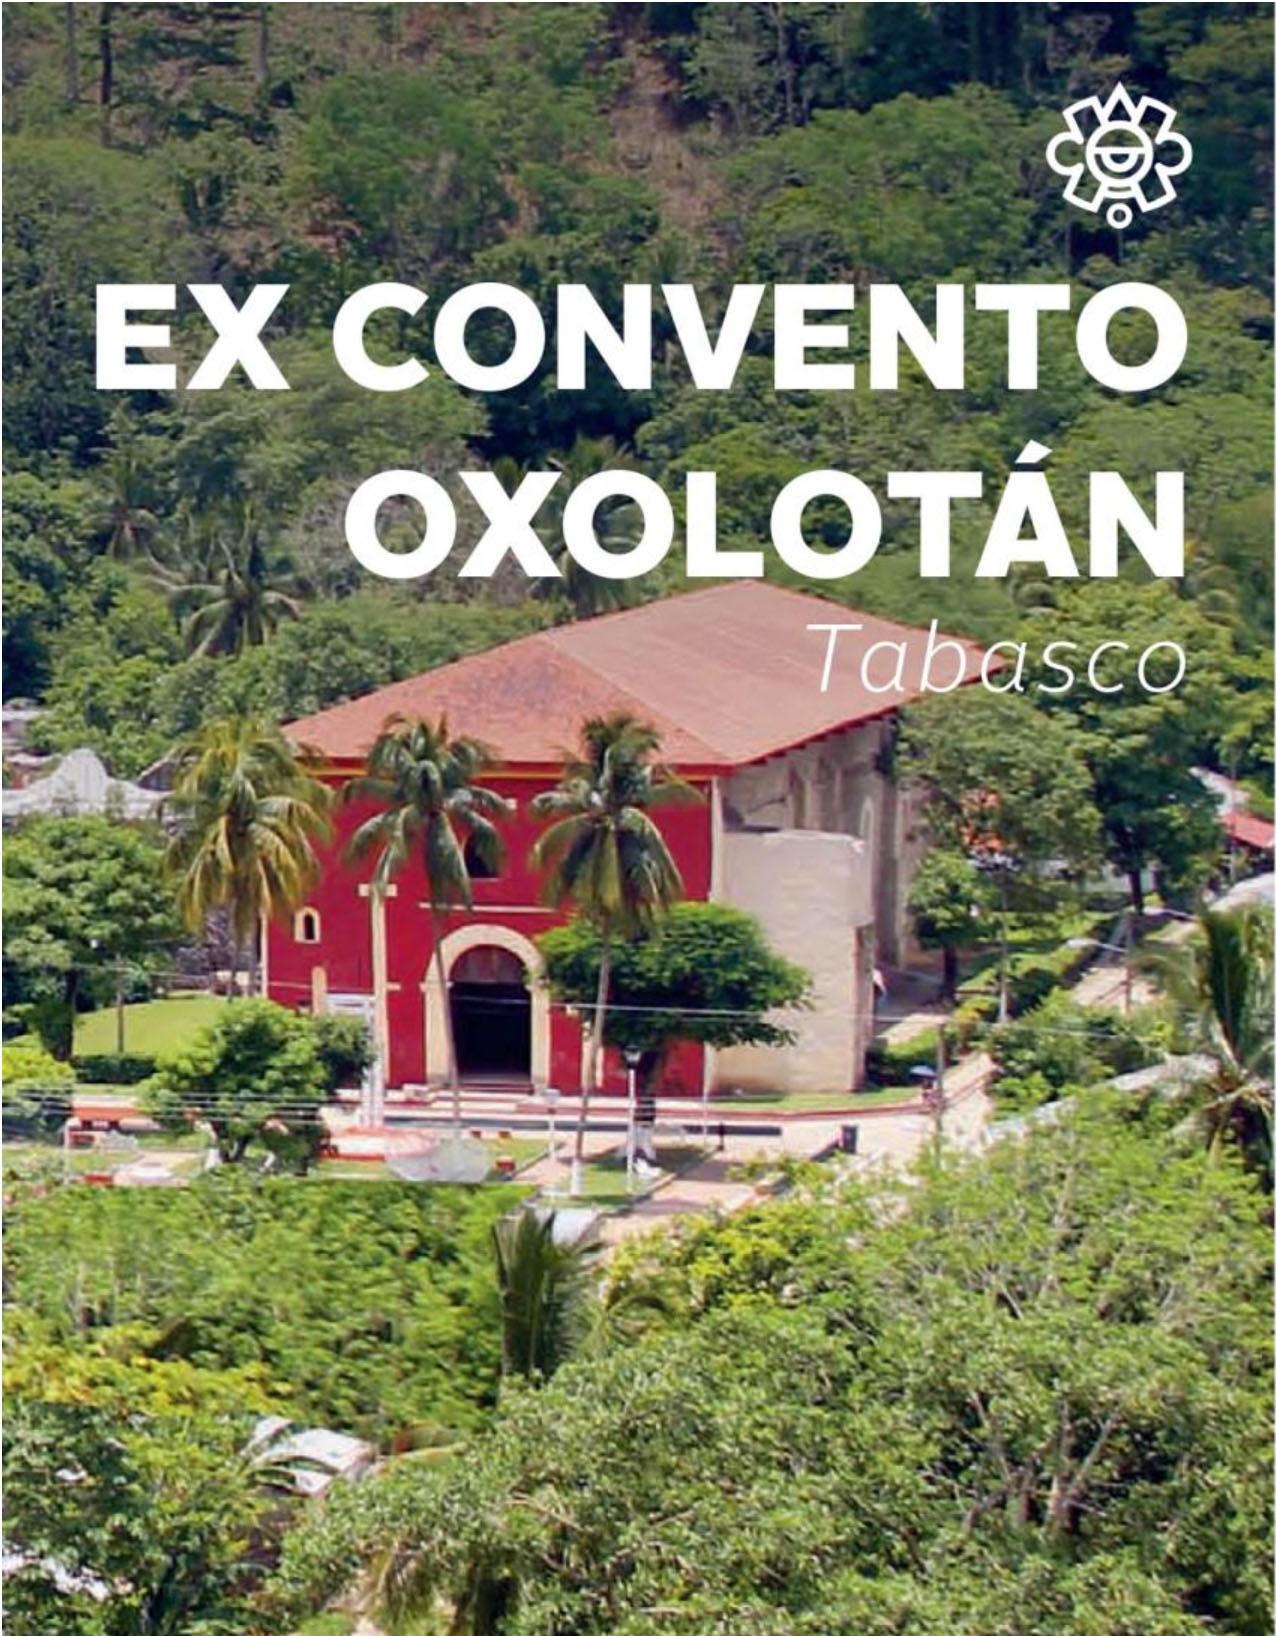 Ex Convento Oxolotán